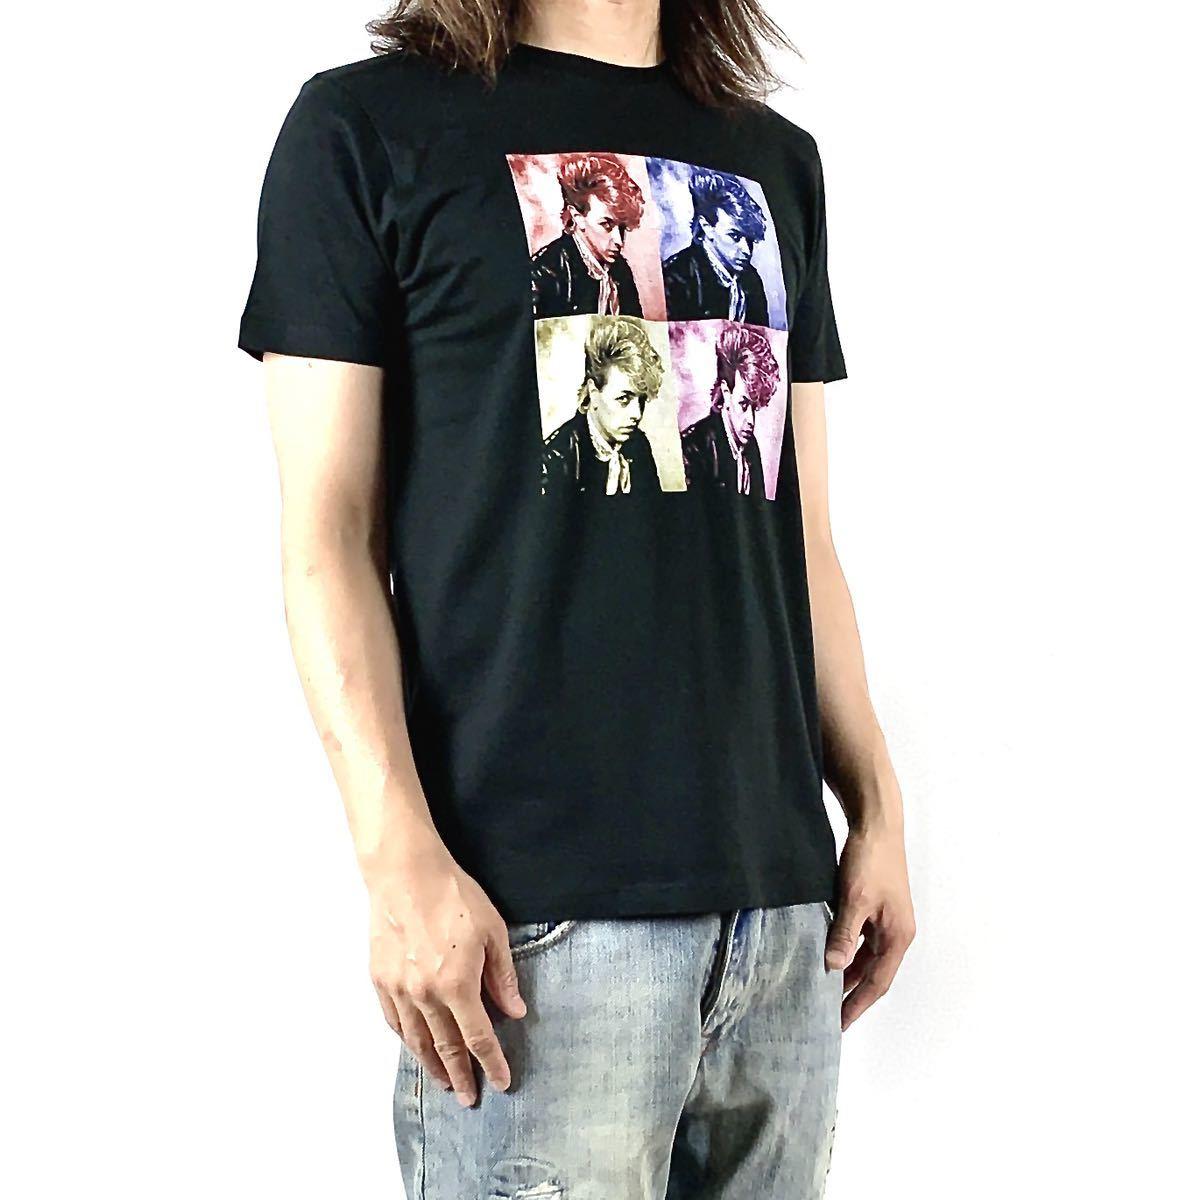 新品 ブライアンセッツァー カラフル ポップ アート ロカビリー バンド 黒 Tシャツ S M L XL ビッグ オーバー サイズ XXL~5XL ロンT 対応_画像3